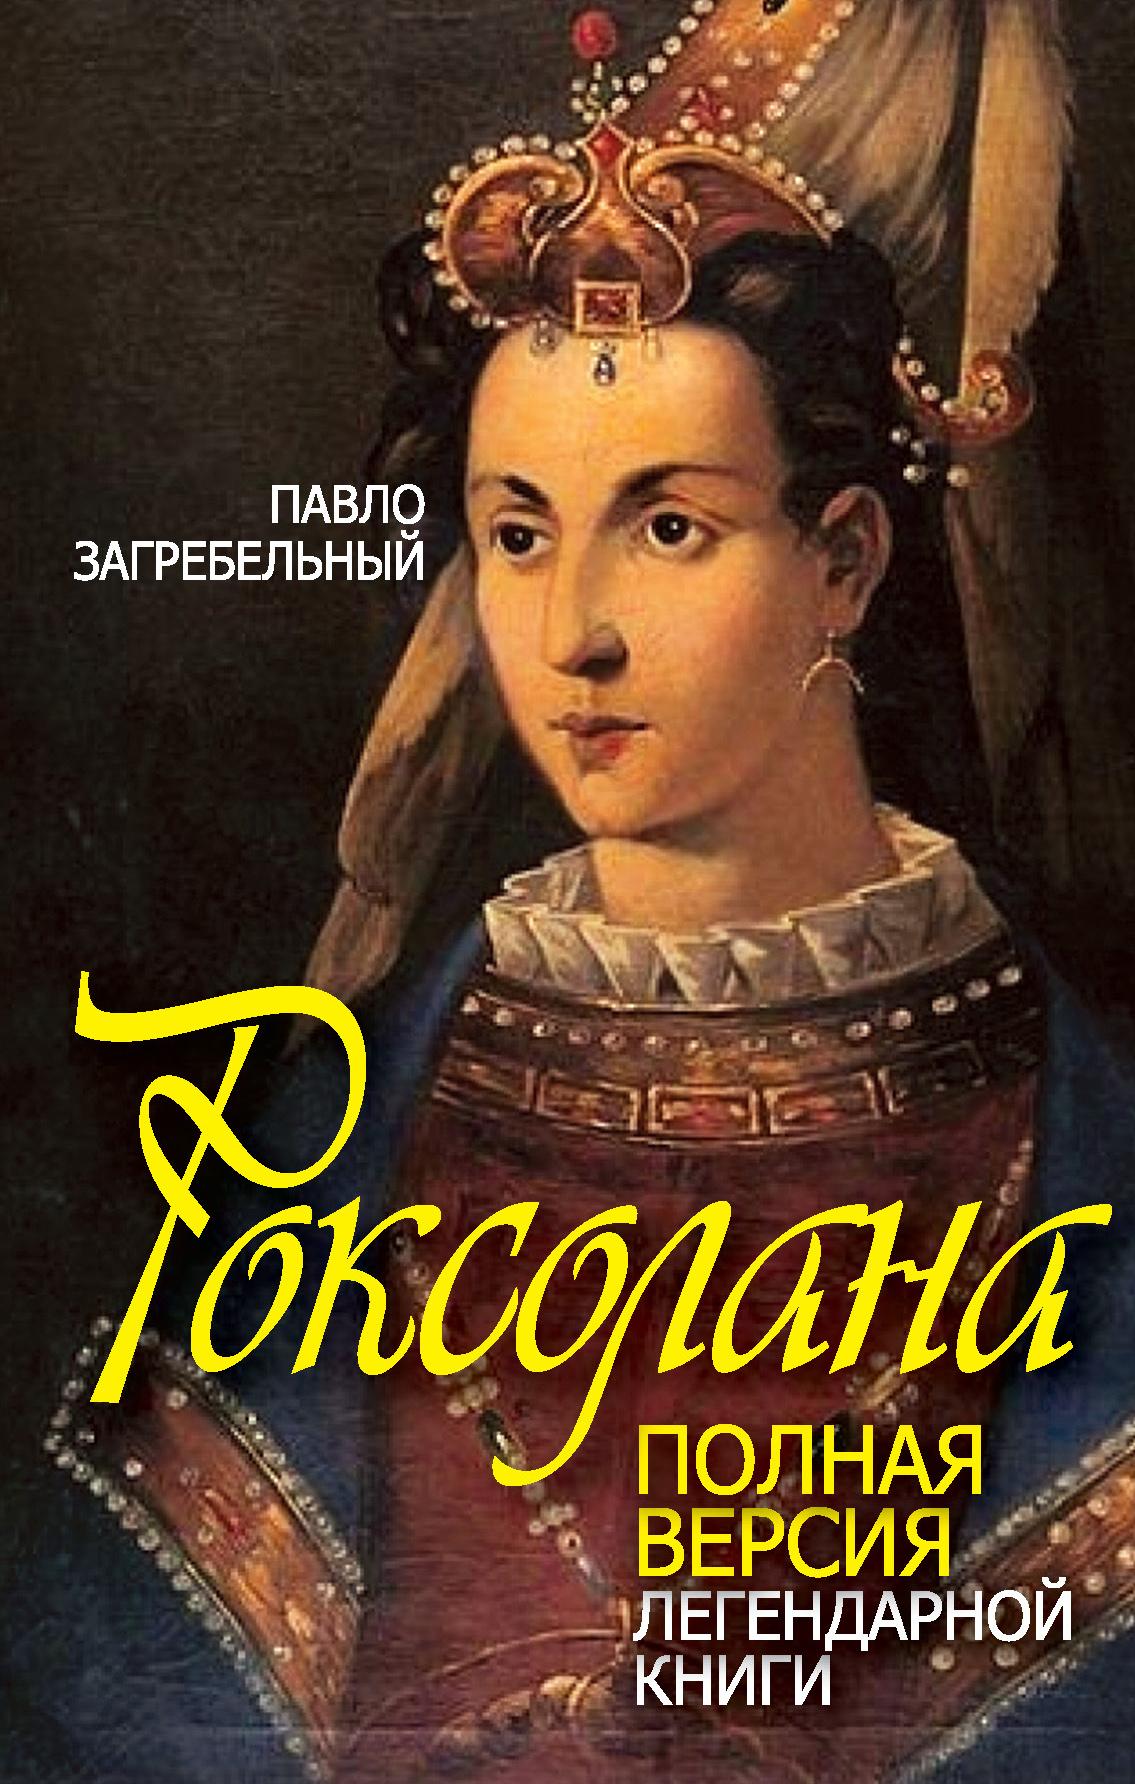 u-zyatya-slishkom-tolstiy-noviy-vipusk-pleyboya